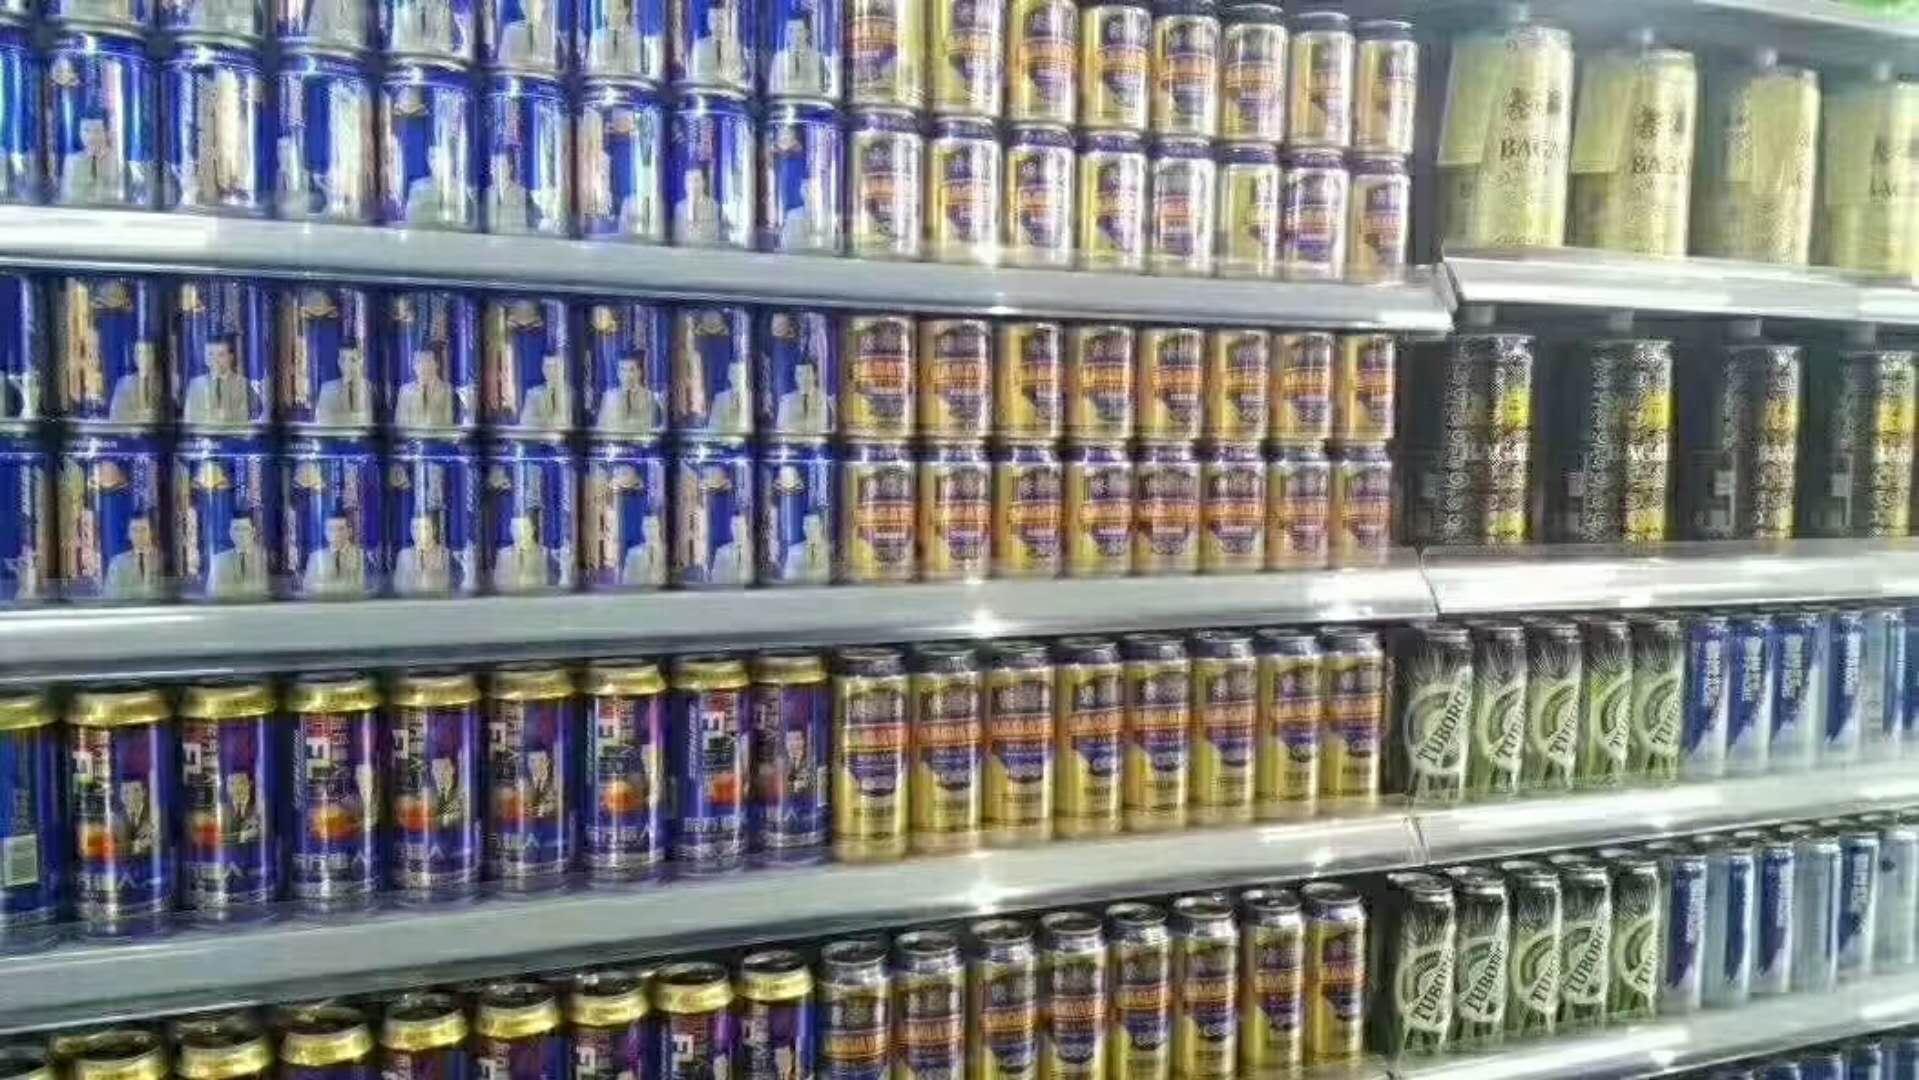 布加迪啤酒代理/广东布加迪啤酒厂家代理/广东布加迪啤酒代理/广东布加迪啤酒代理价格